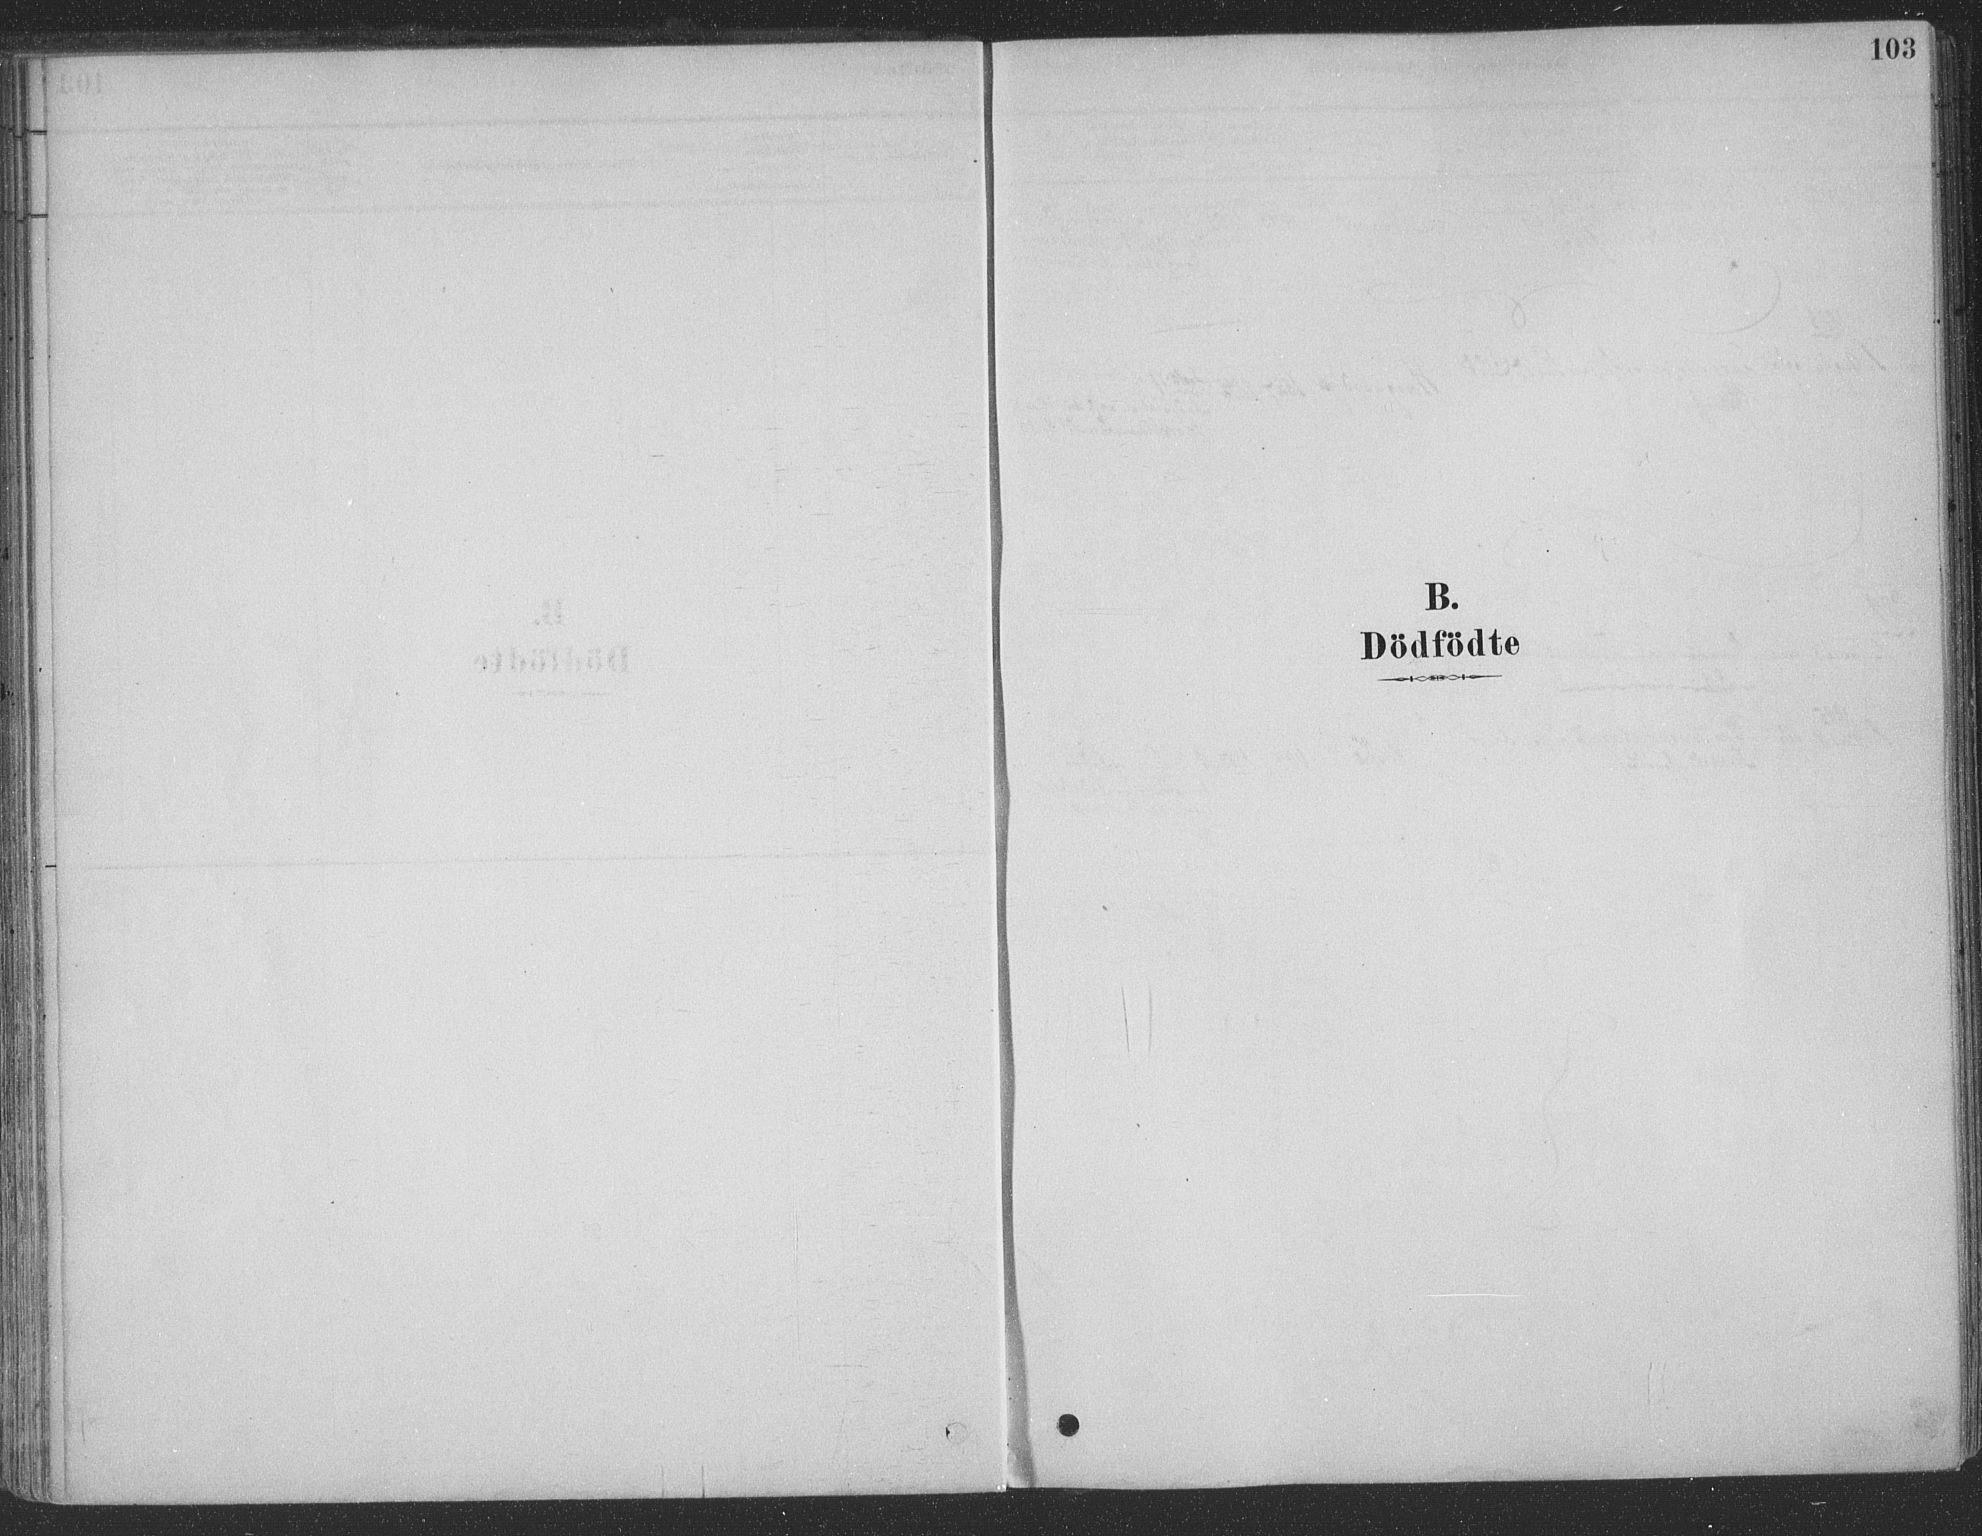 SAT, Ministerialprotokoller, klokkerbøker og fødselsregistre - Møre og Romsdal, 547/L0604: Ministerialbok nr. 547A06, 1878-1906, s. 103